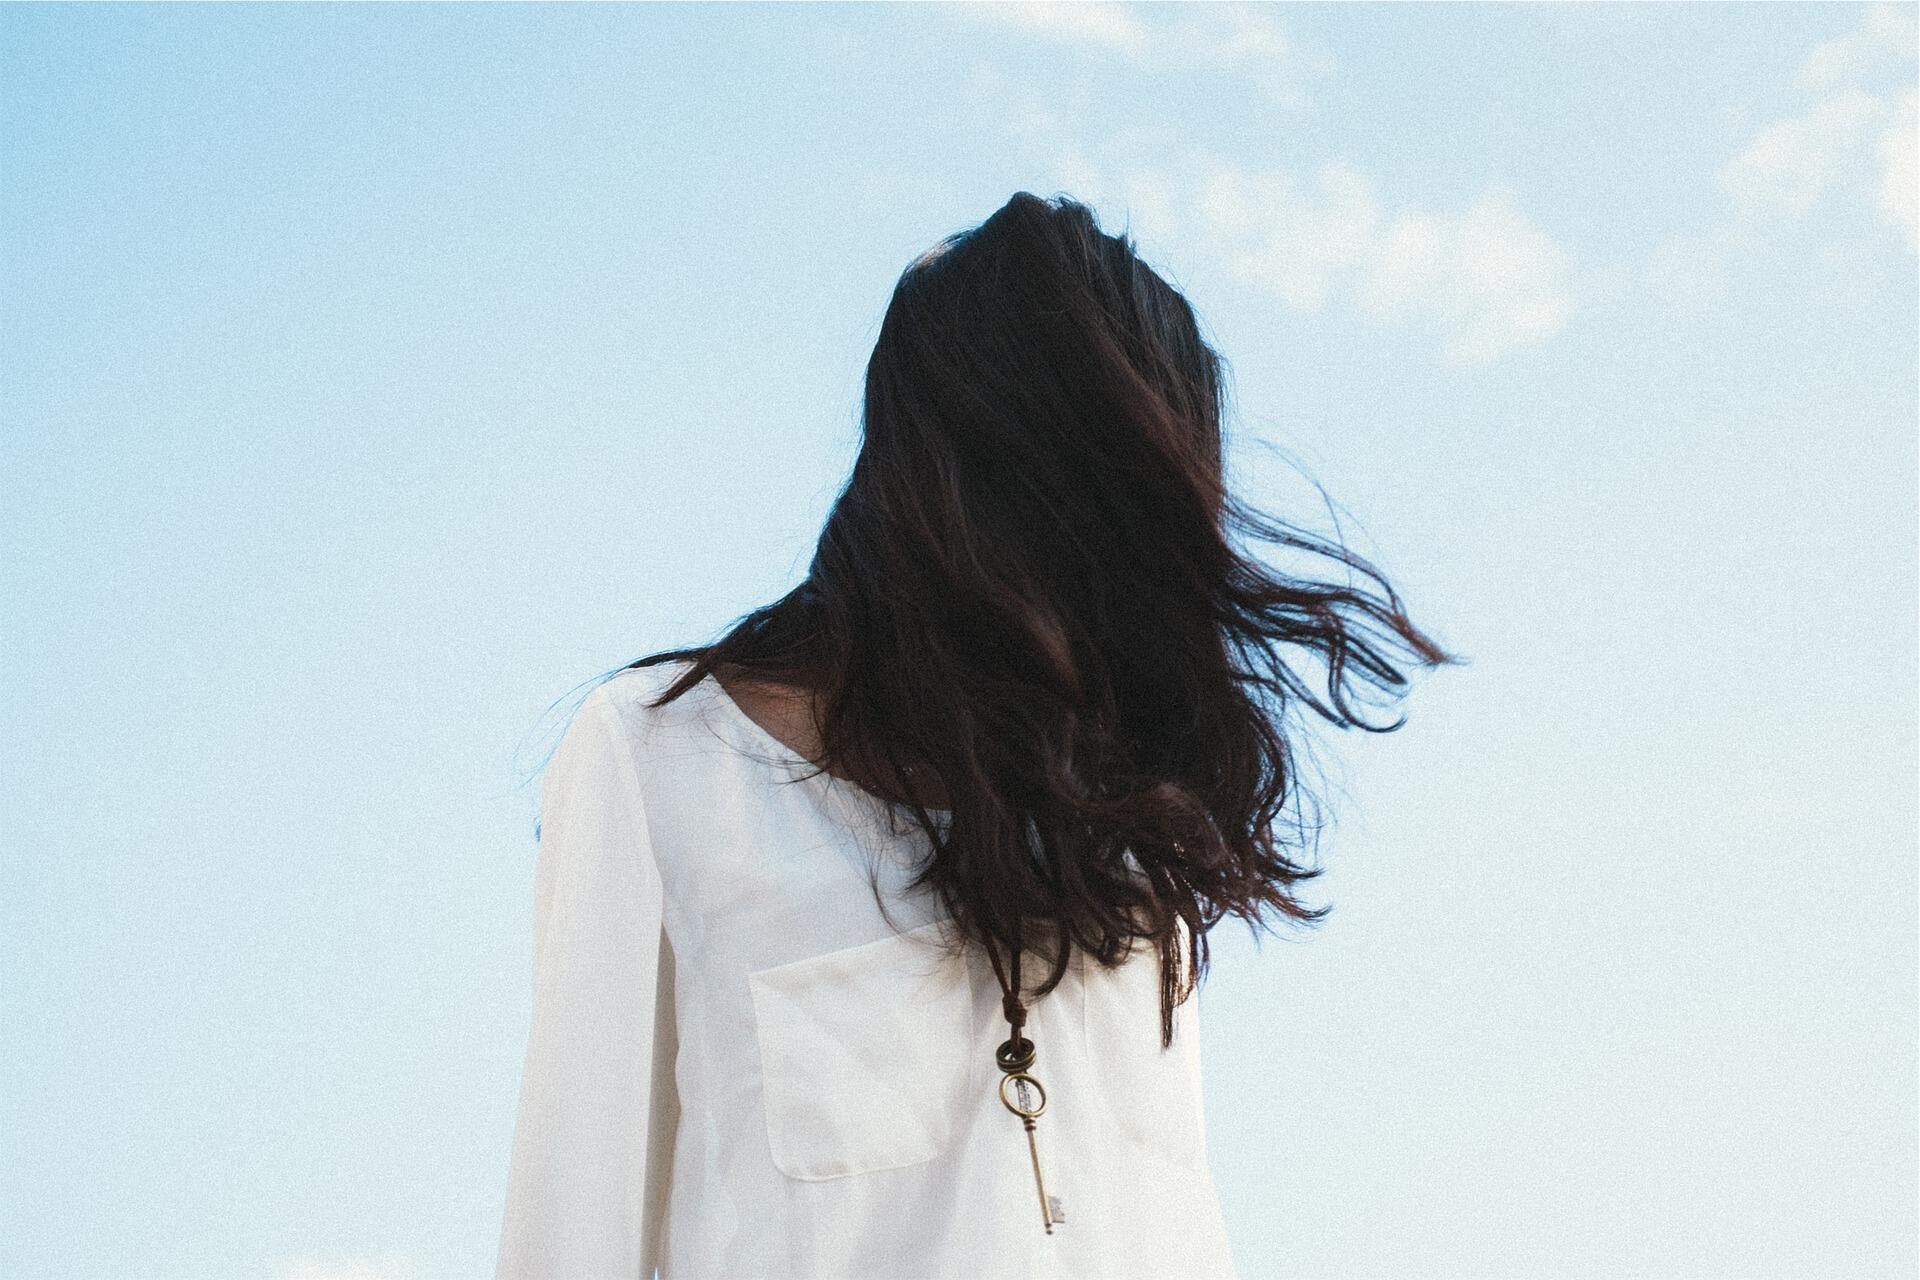 Resíduos de pesticidas nos cabelos de 60% dos europeus: é o que revela um estudo realizado em vários países europeus.